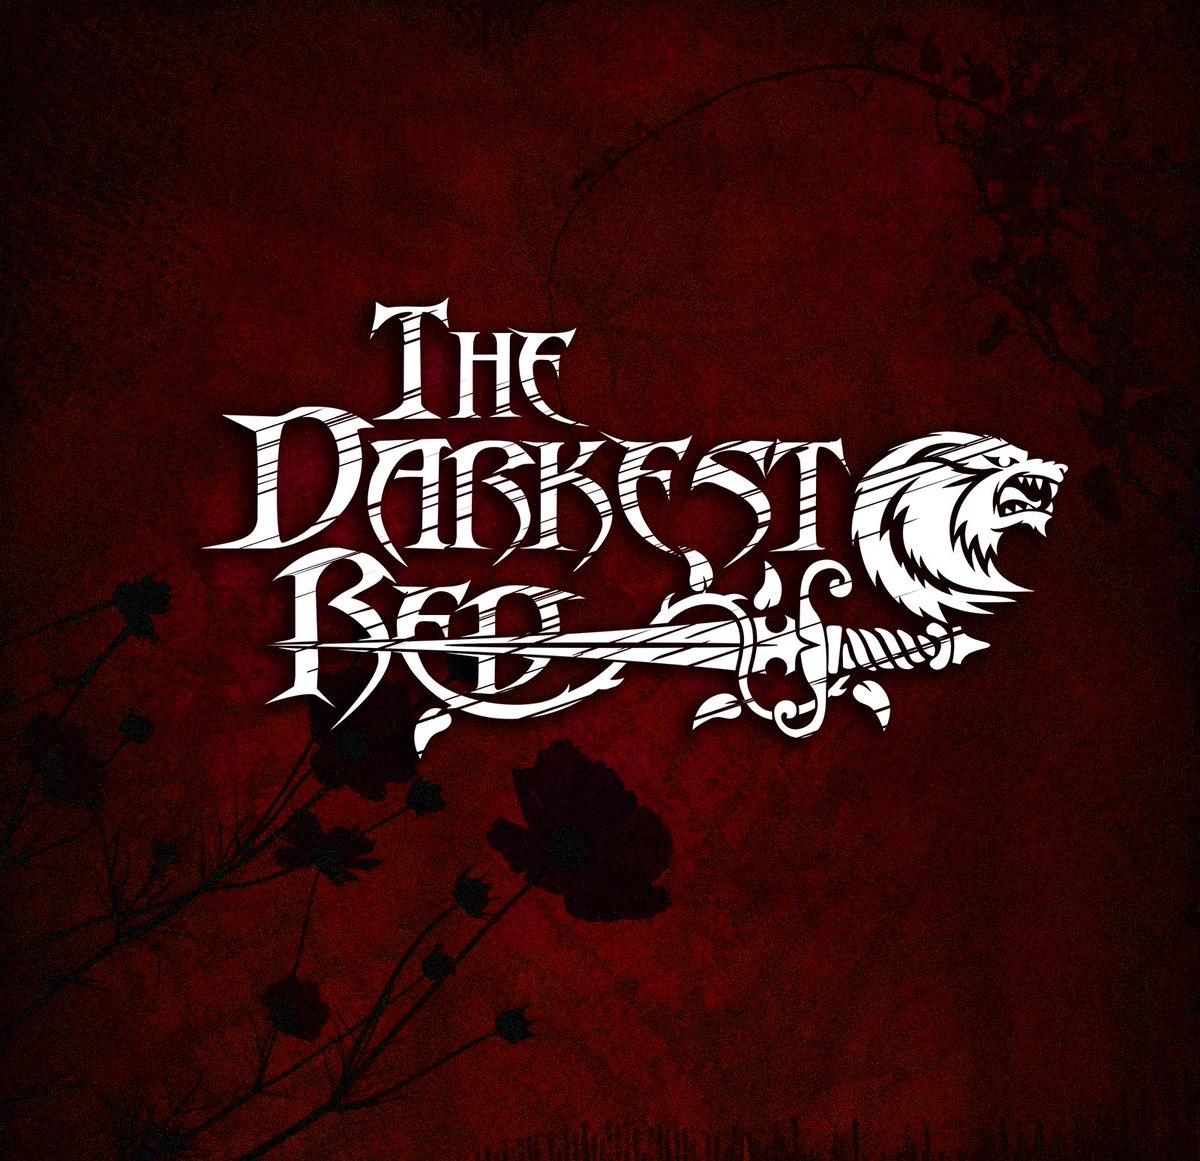 The Darkest red (red art)